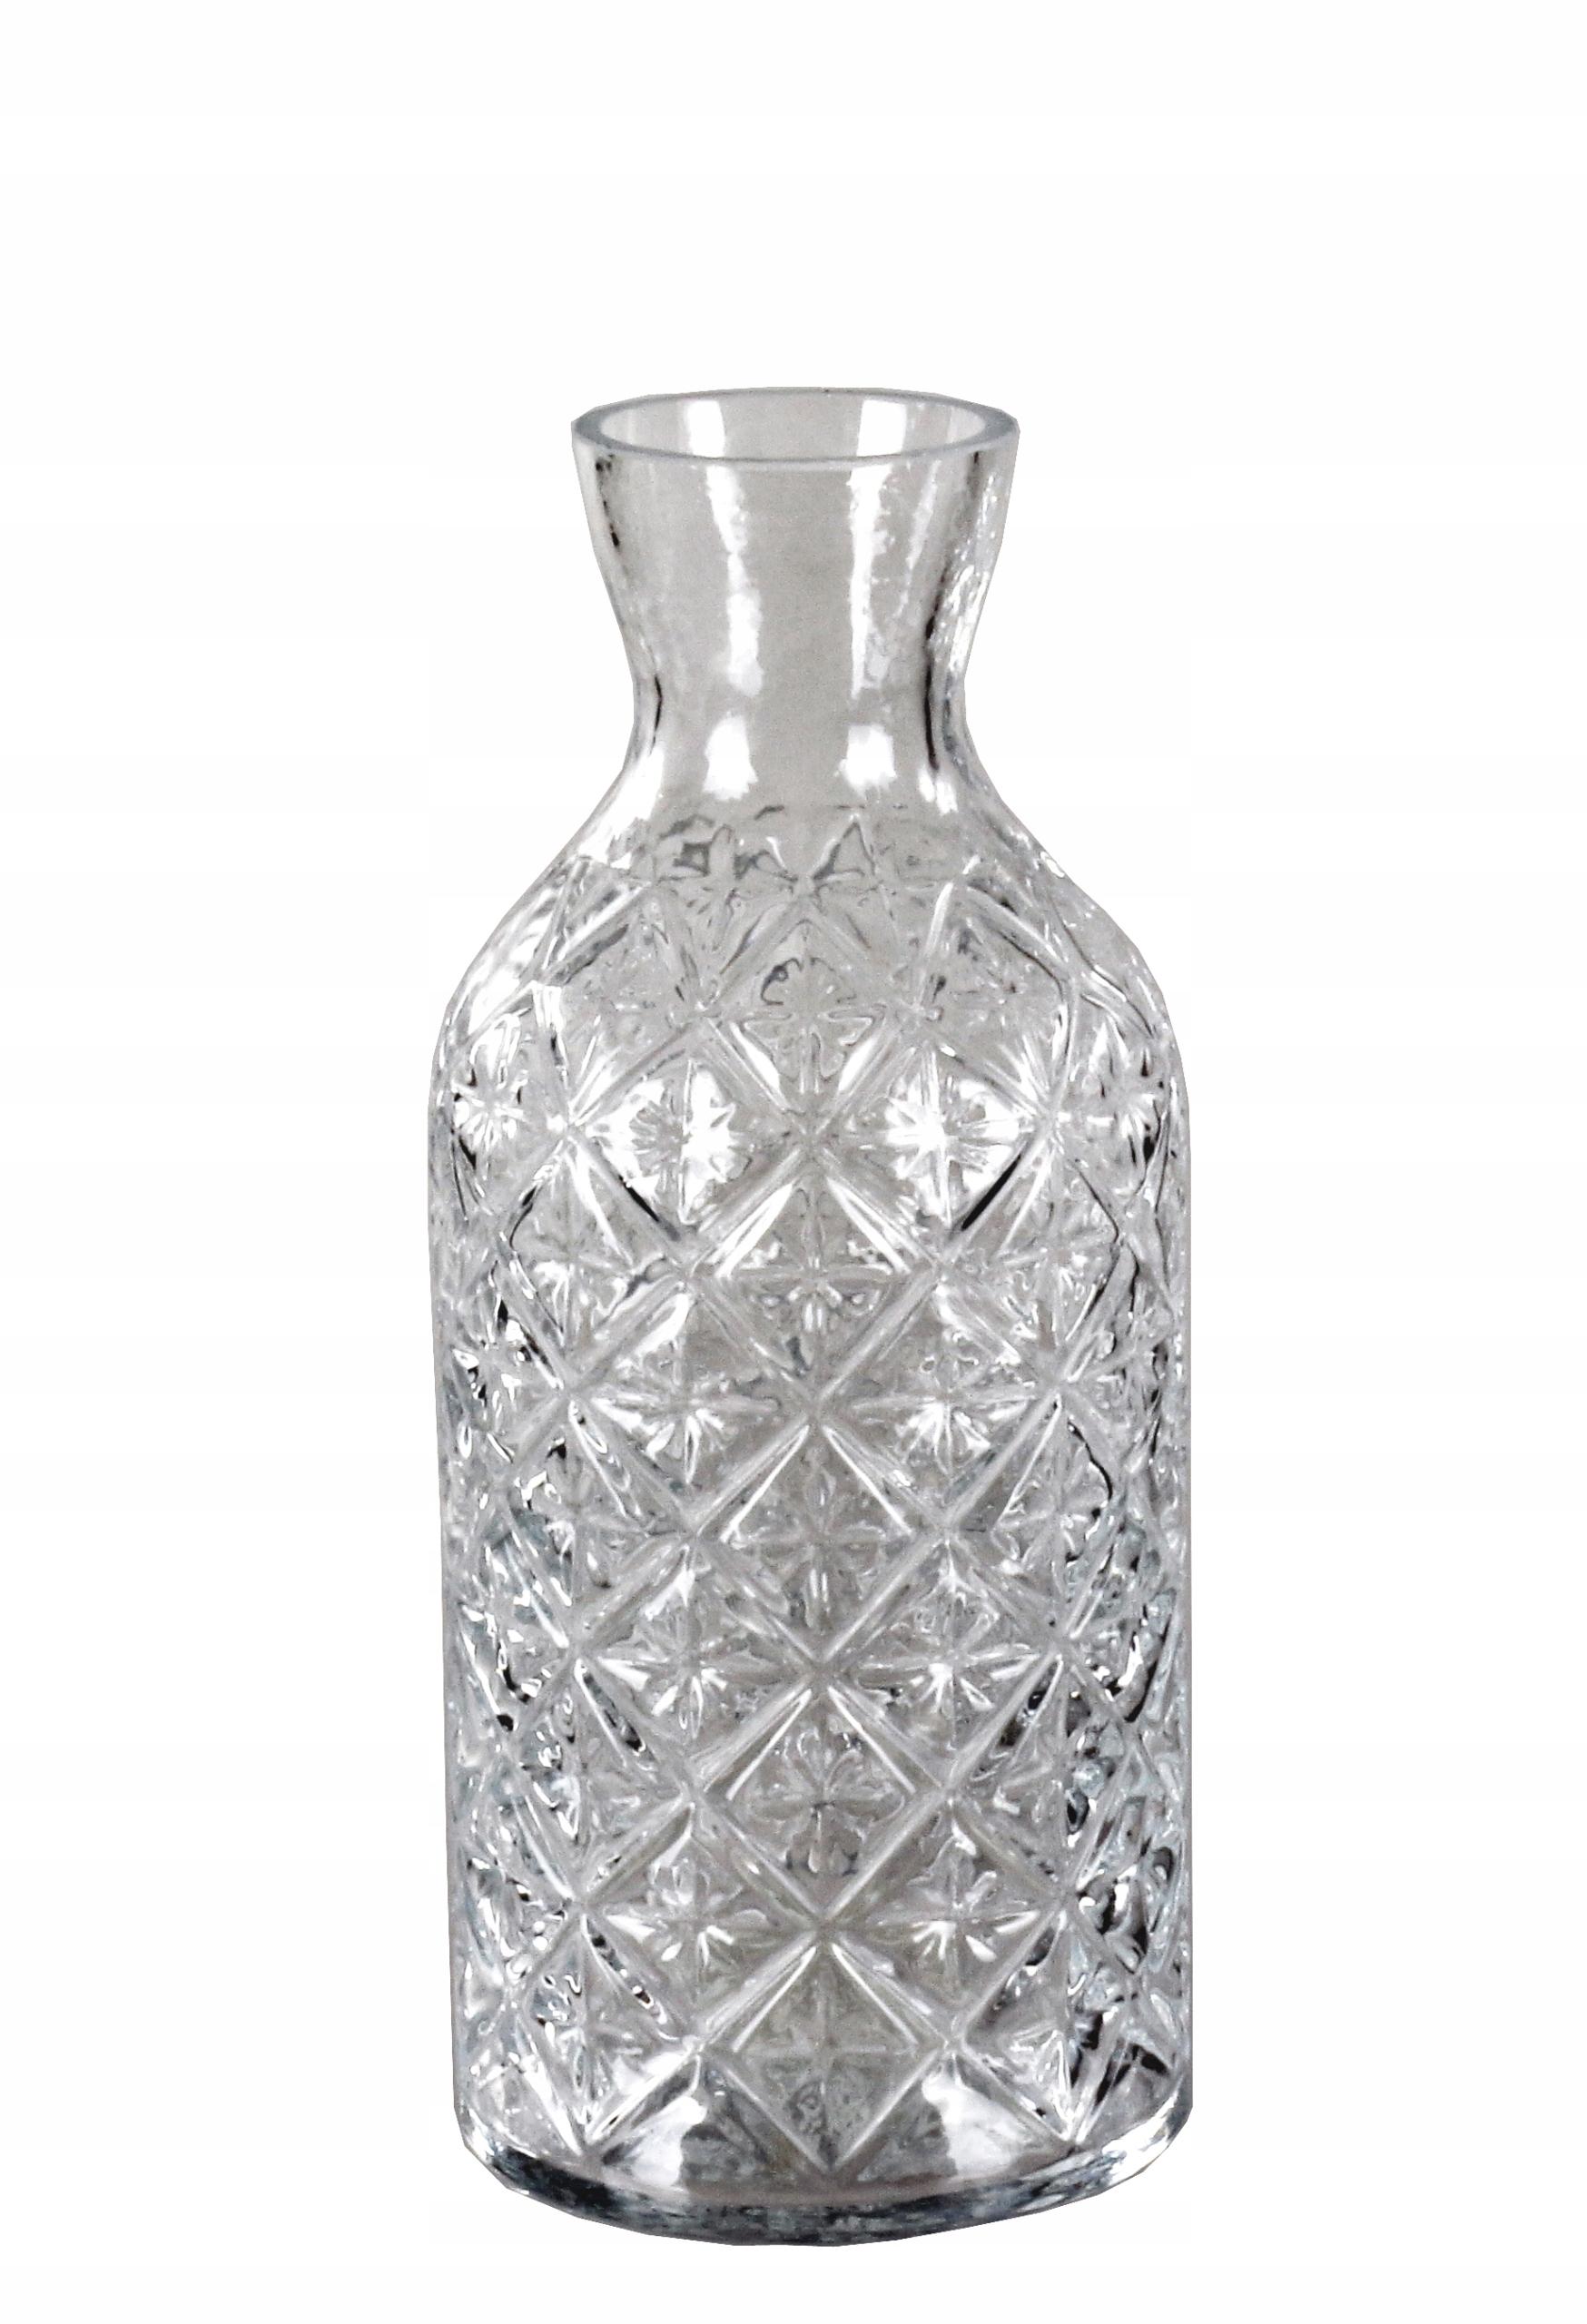 VÁZA sklo RETRO ŠTÝL šedá vysoká. 18 cm